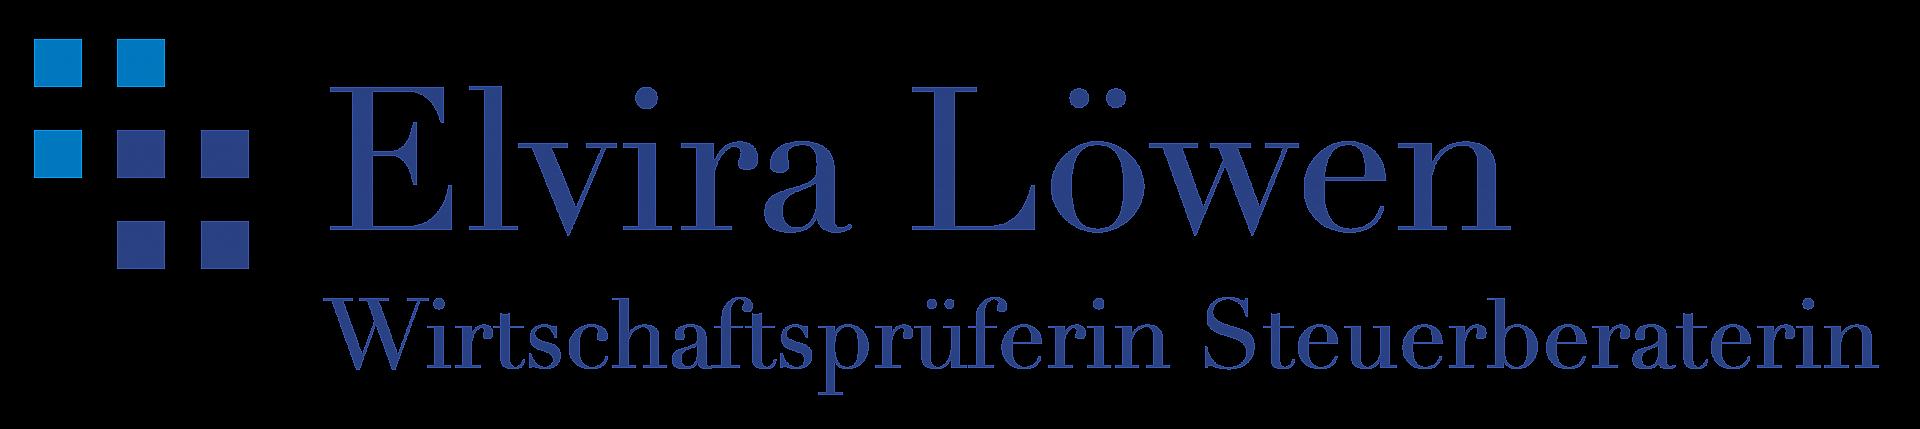 Logo Elvira Löwen - Wirtschaftsprüferin und Steuerberaterin in Windeck